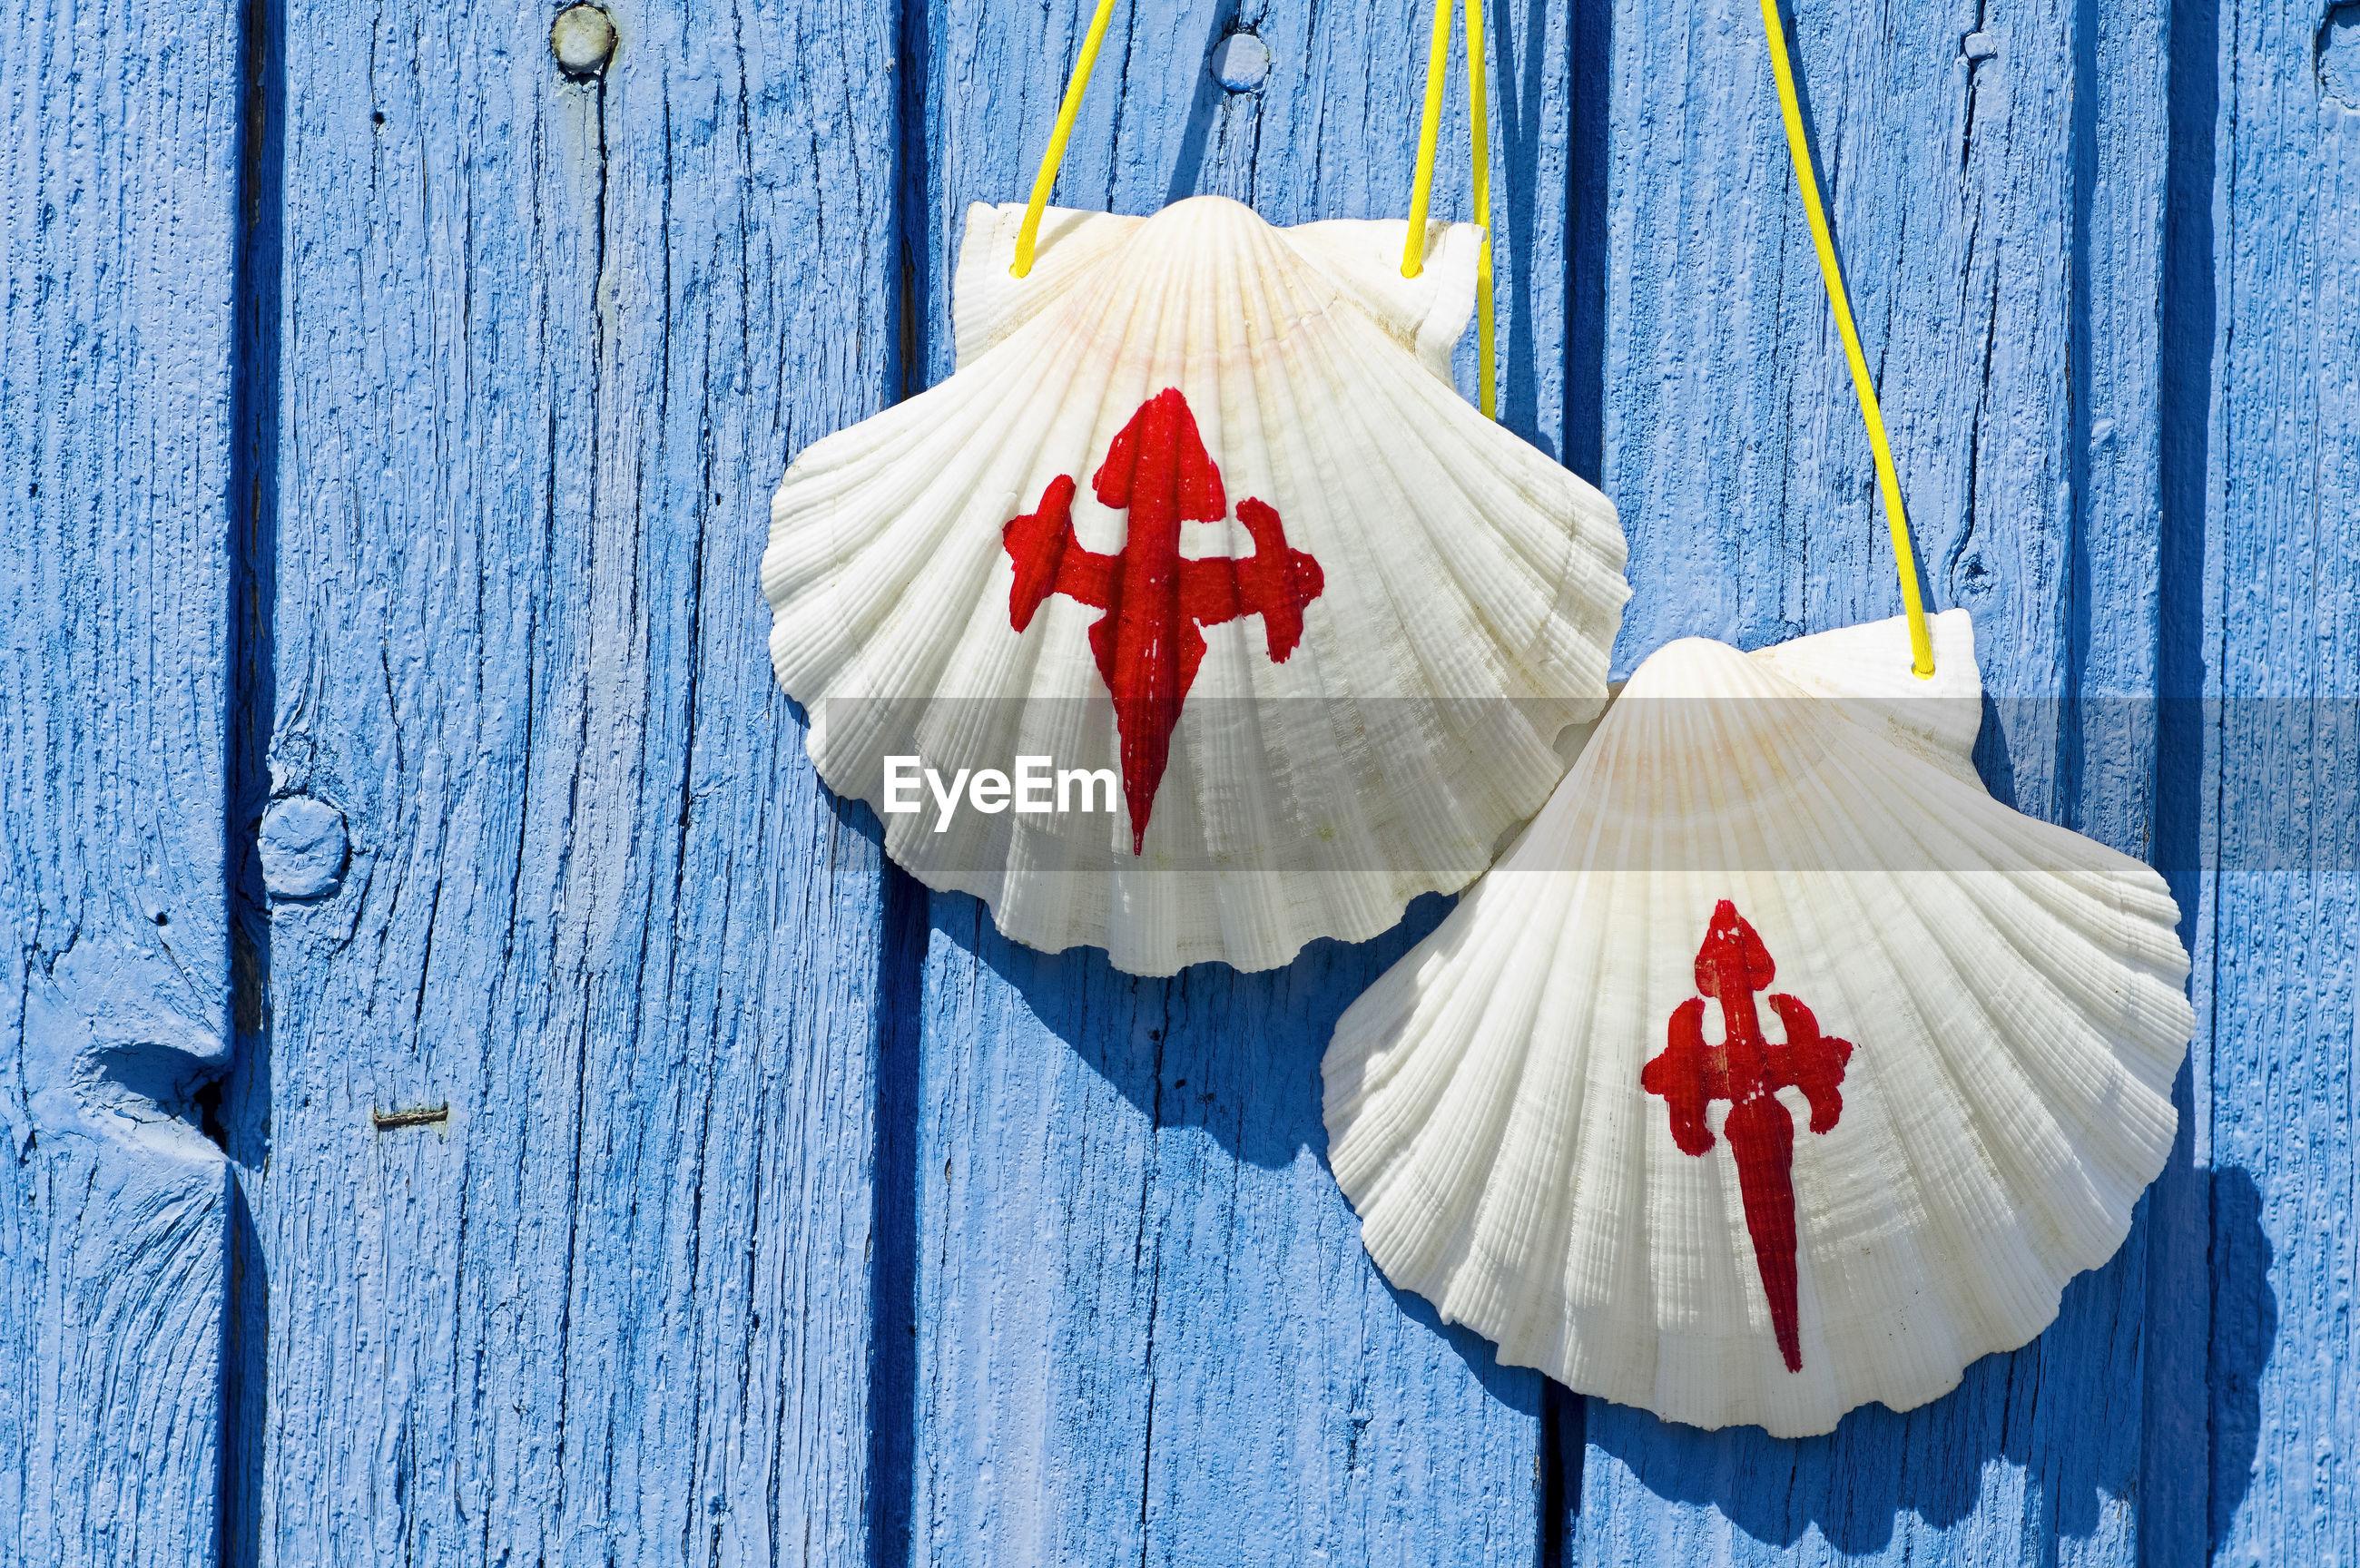 Close-up of pilgrim scallop shells on blue wooden door